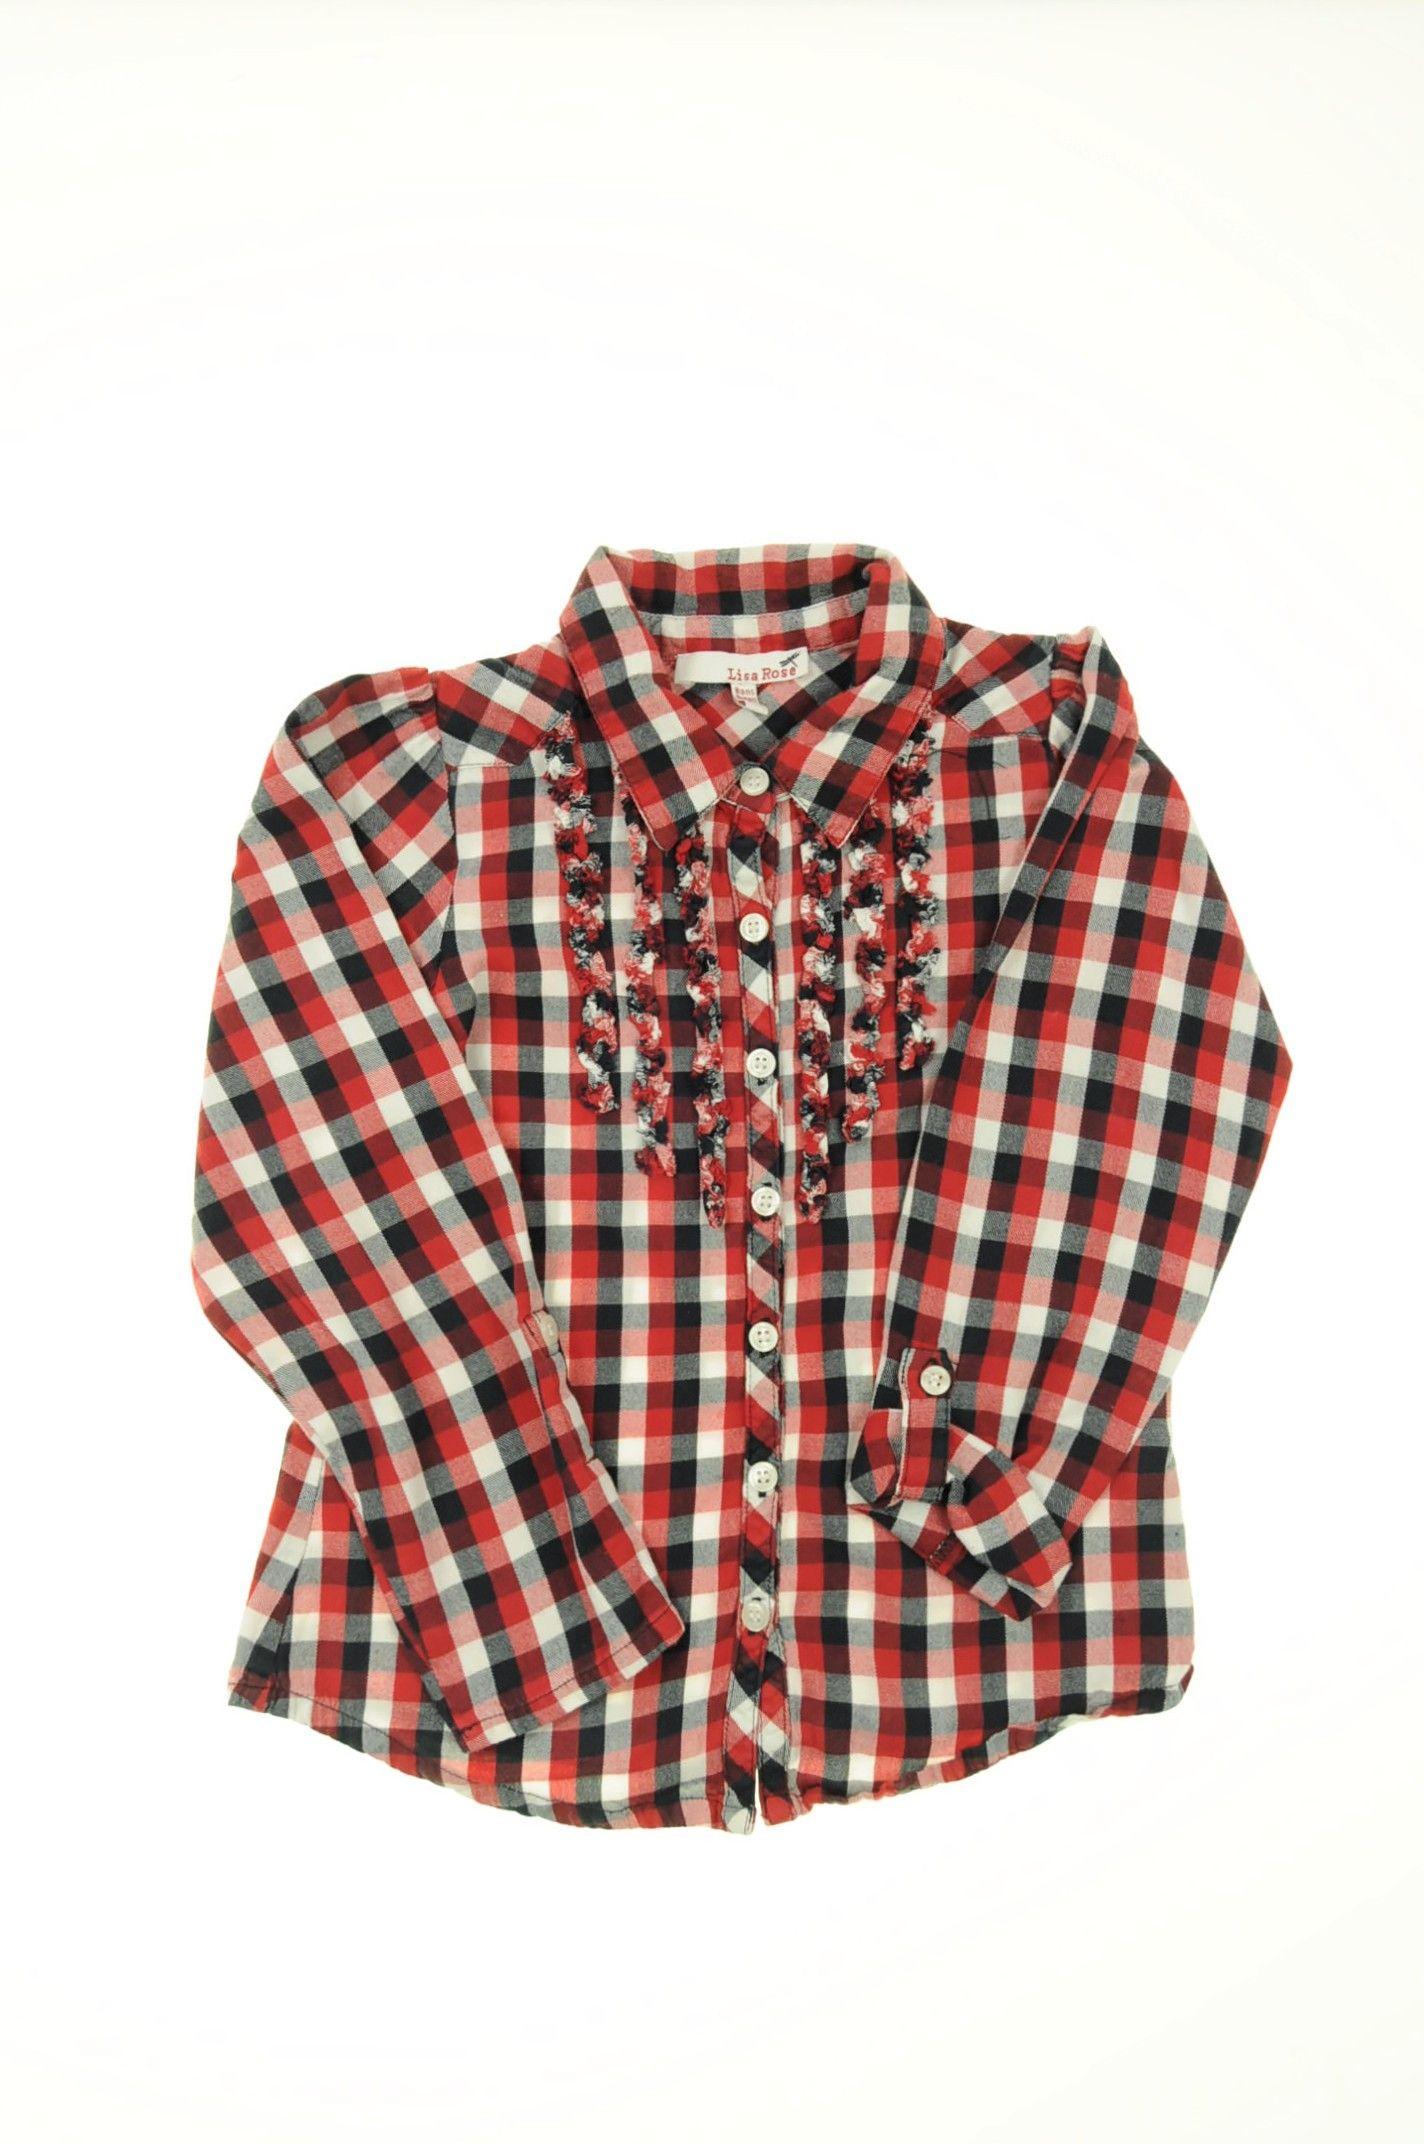 df084fa7c08d6 Chemise de la marque Lisa Rose en taille 8 ans - Affairesdeptits vetement  occasion enfant bebe pas cher